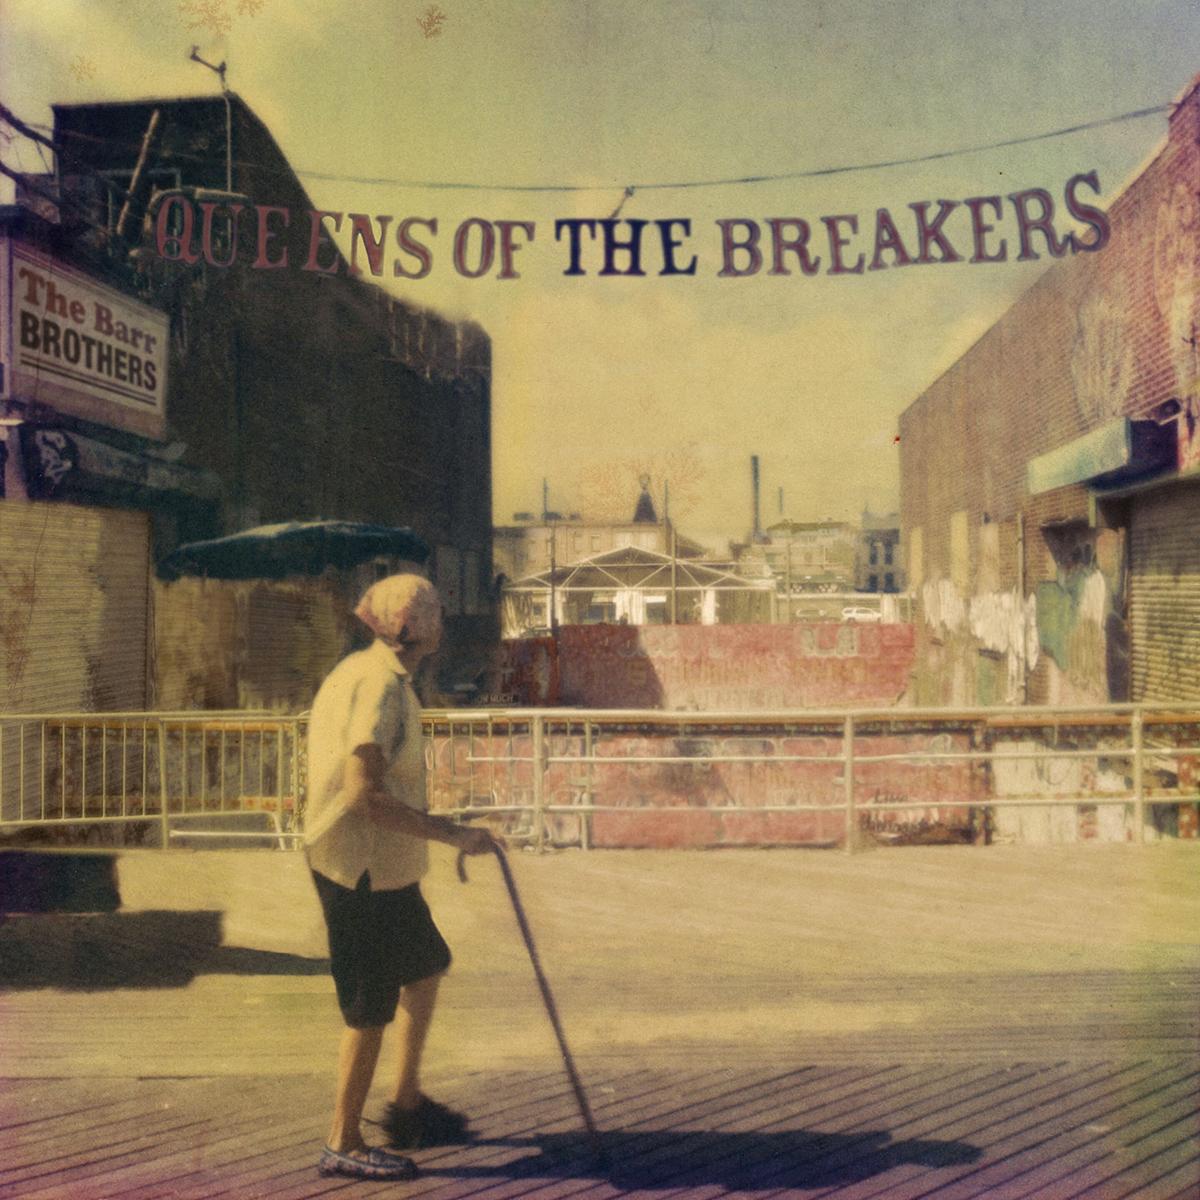 Queens of the breakers -